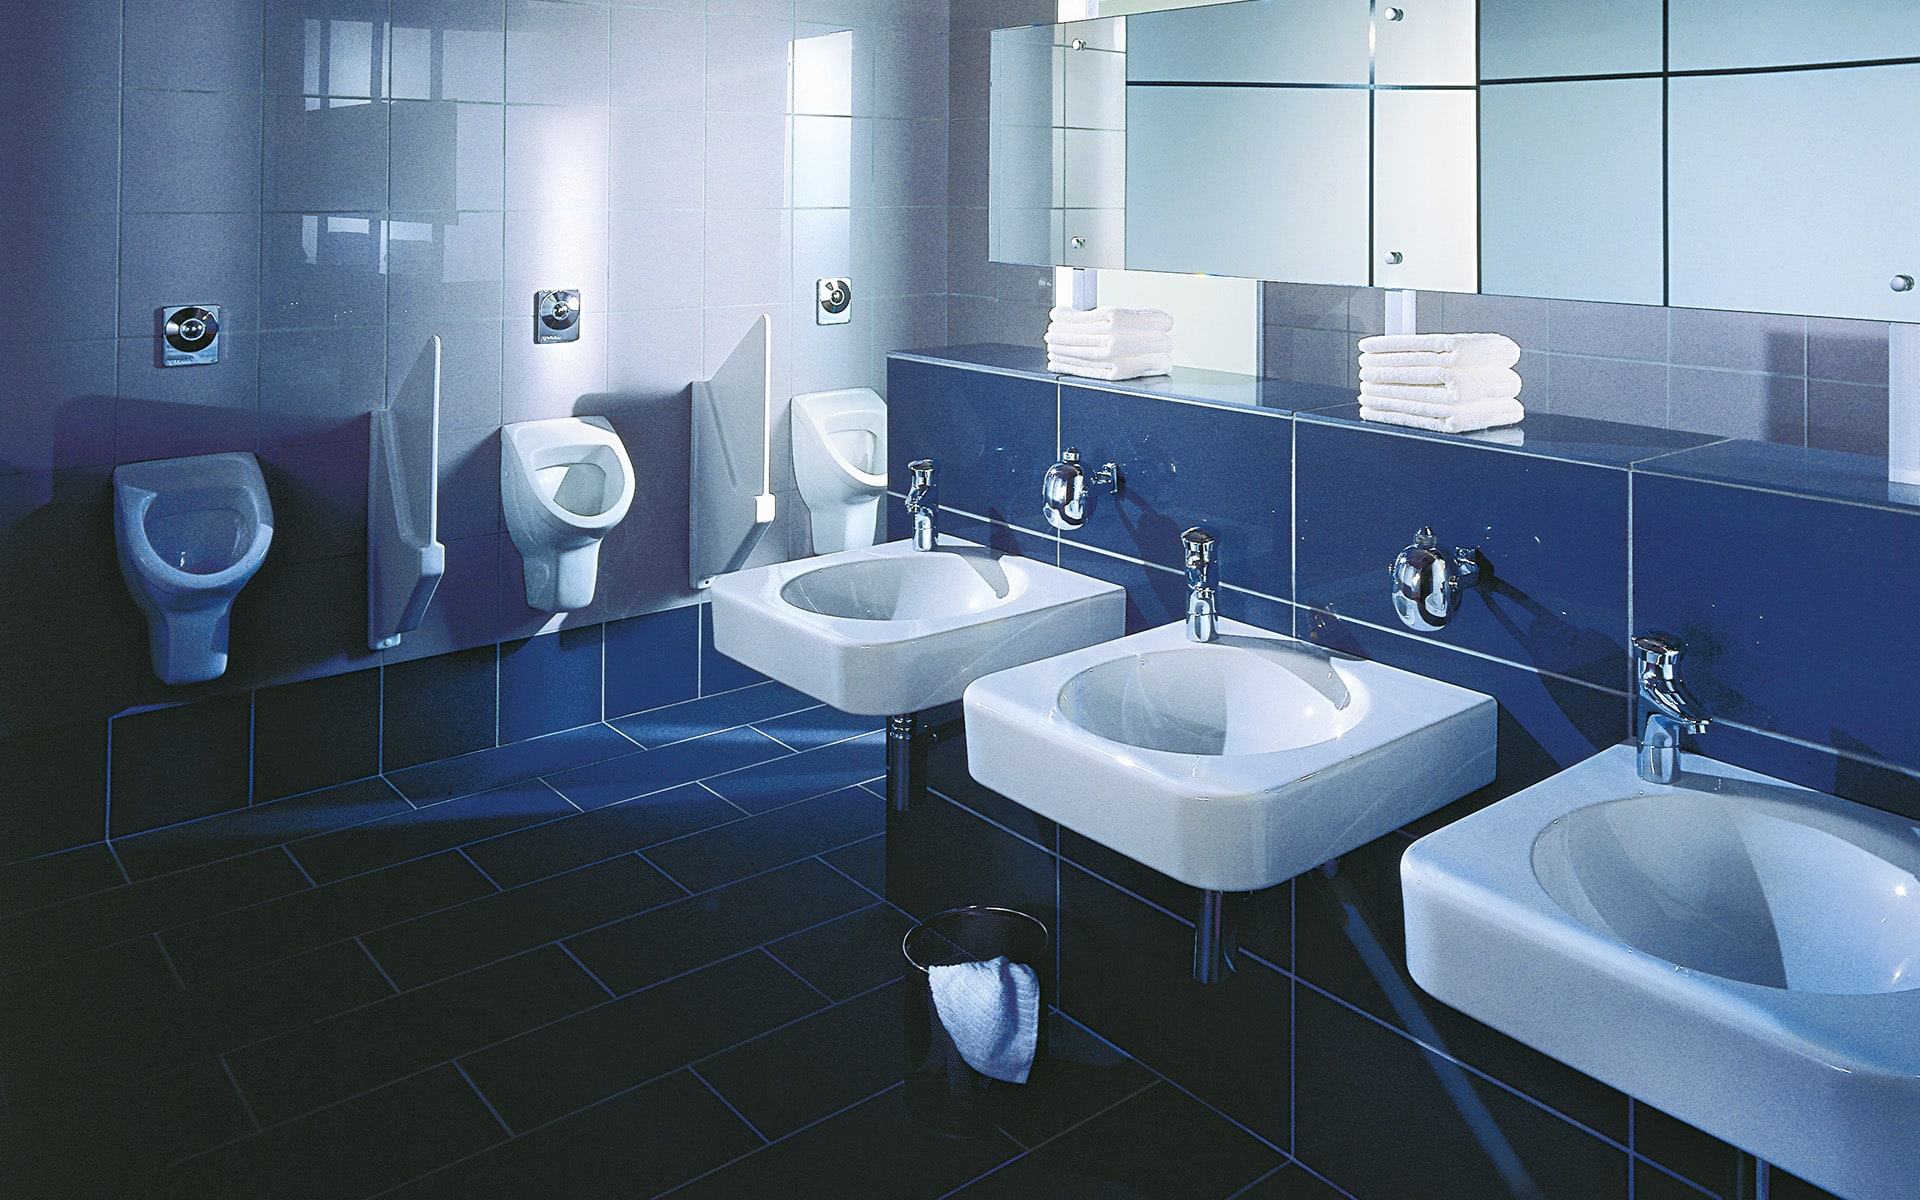 Minimalistische weisse Waschbecken für Villeroy & Boch von ITO Design, 2001 entworfen